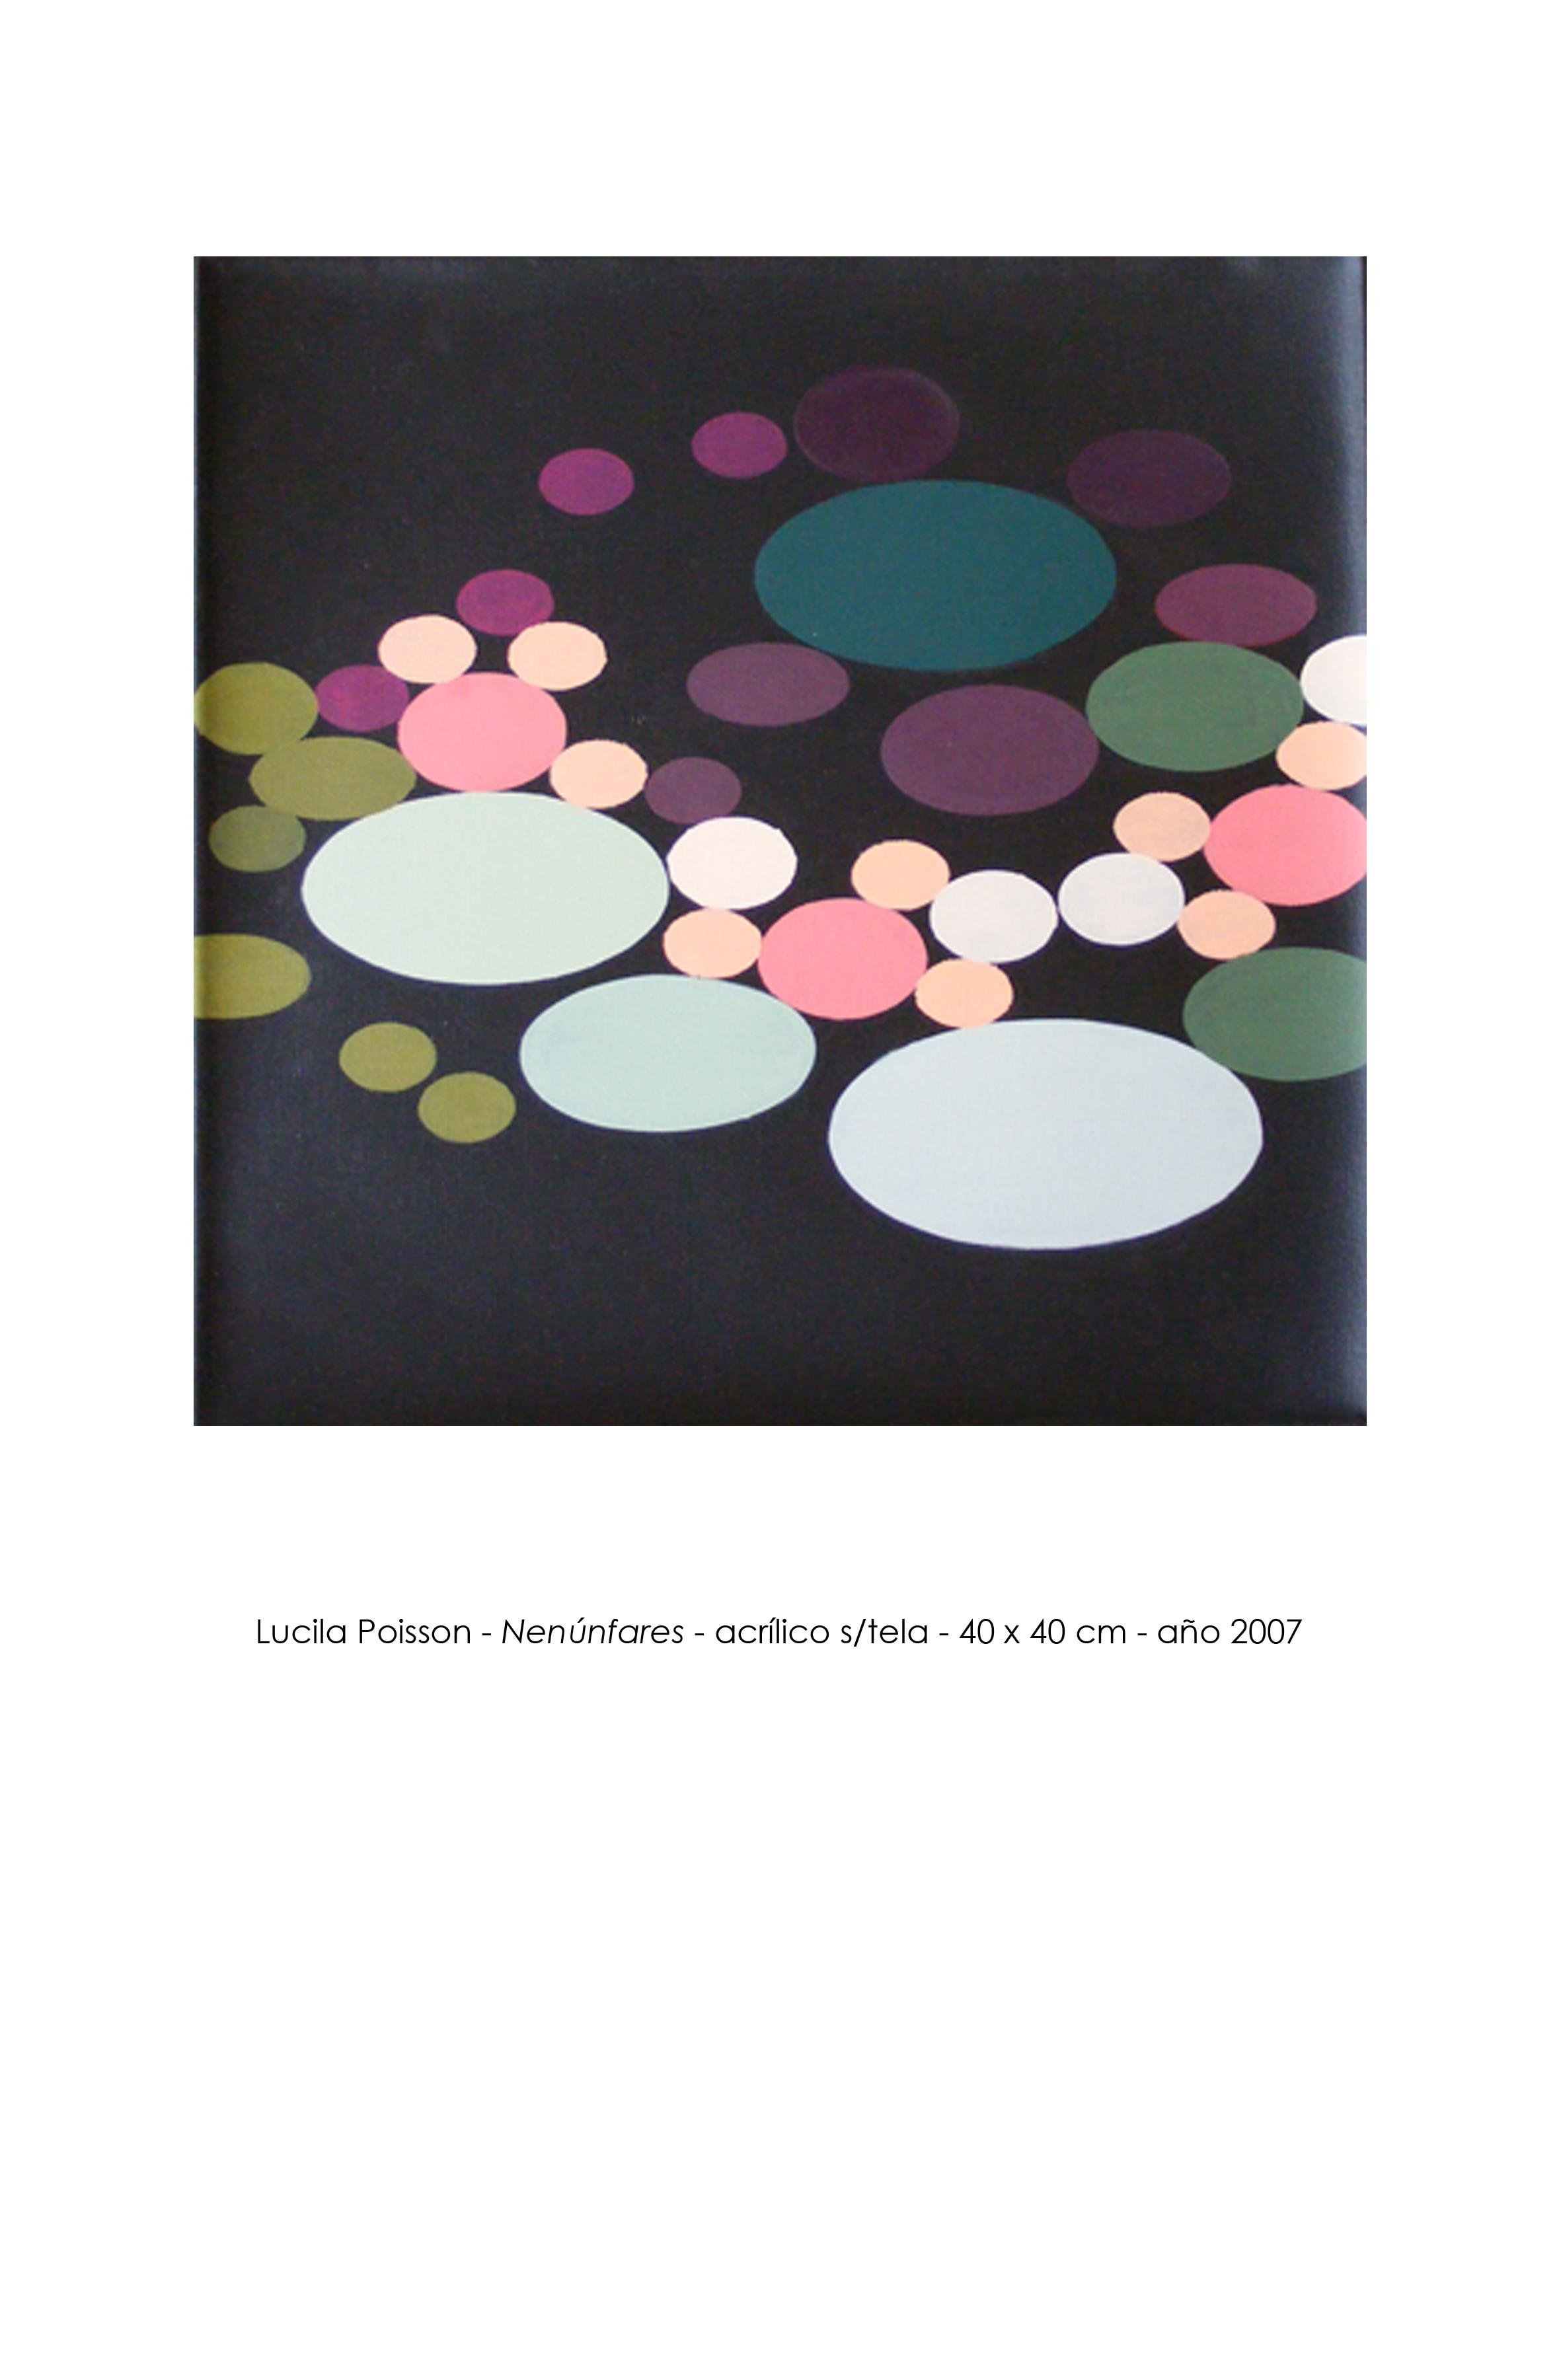 Lucila_Poisson_-_Nenúnfares_-_40_x_40_cm_-_2007.jpg